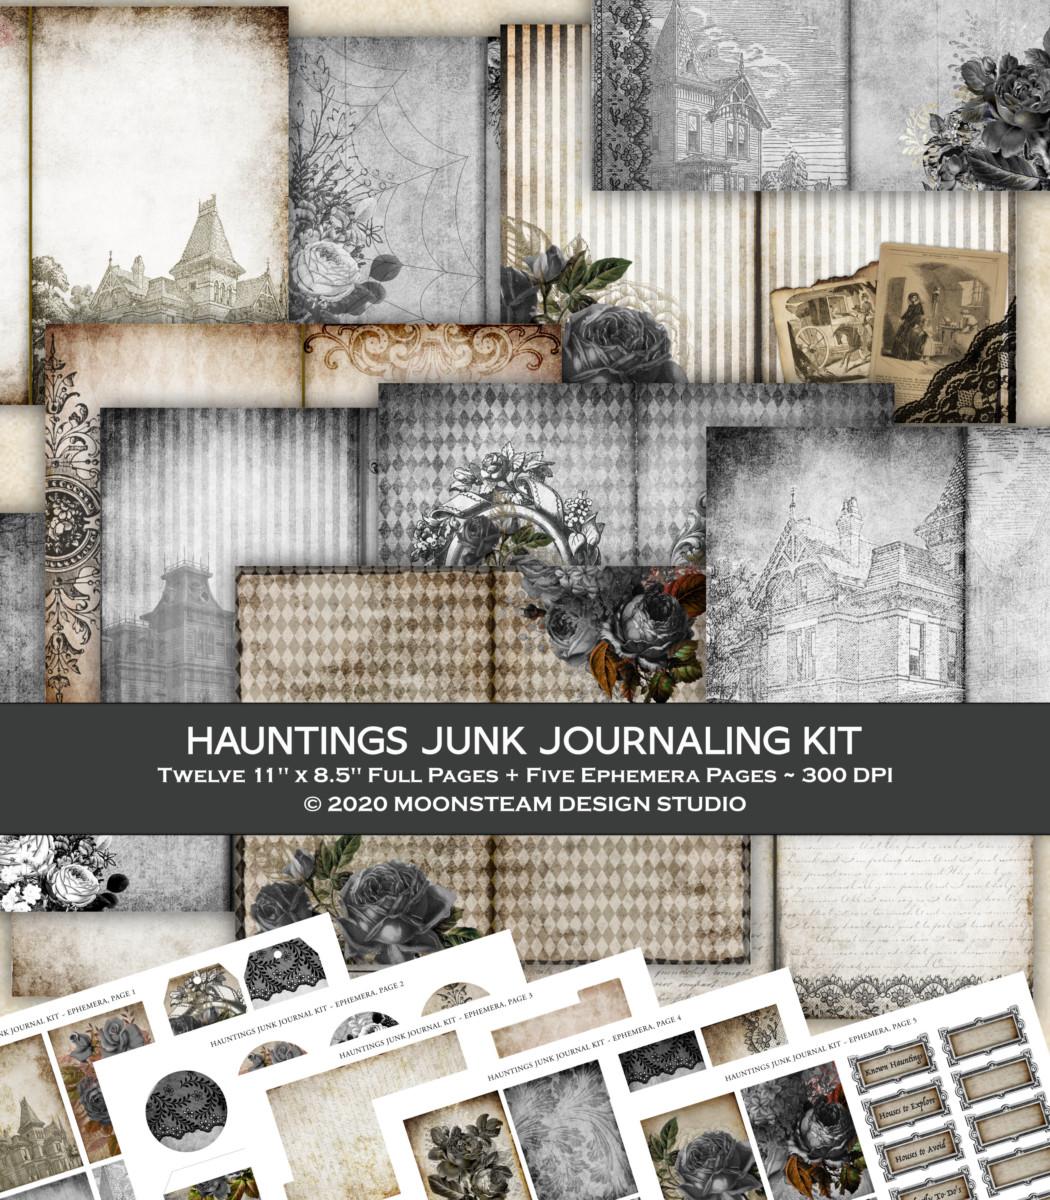 Hauntings Junk Journal Kit by Moonsteam Design Studio